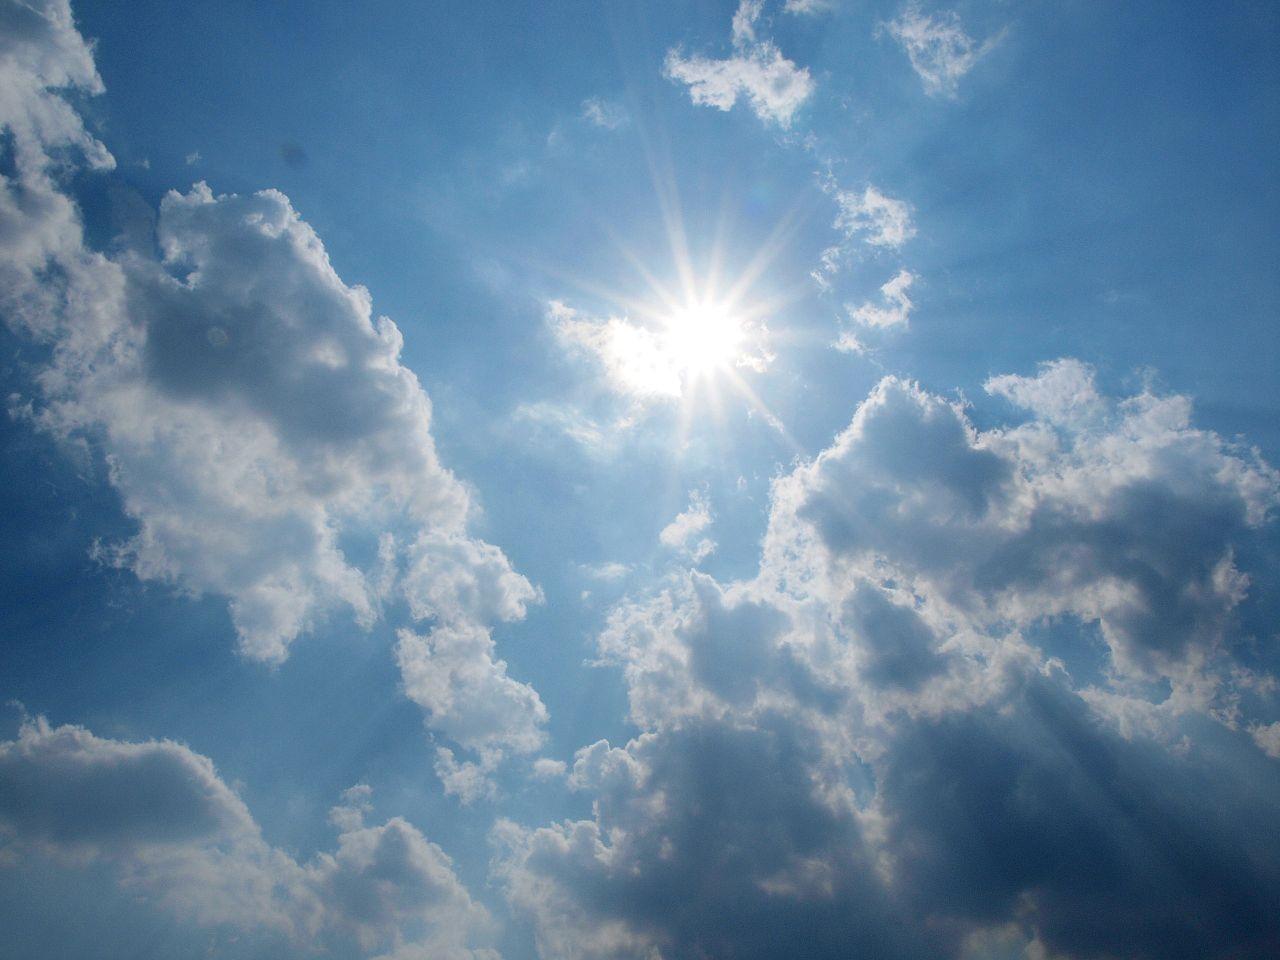 1280px-Sun-in-the-sky.jpg